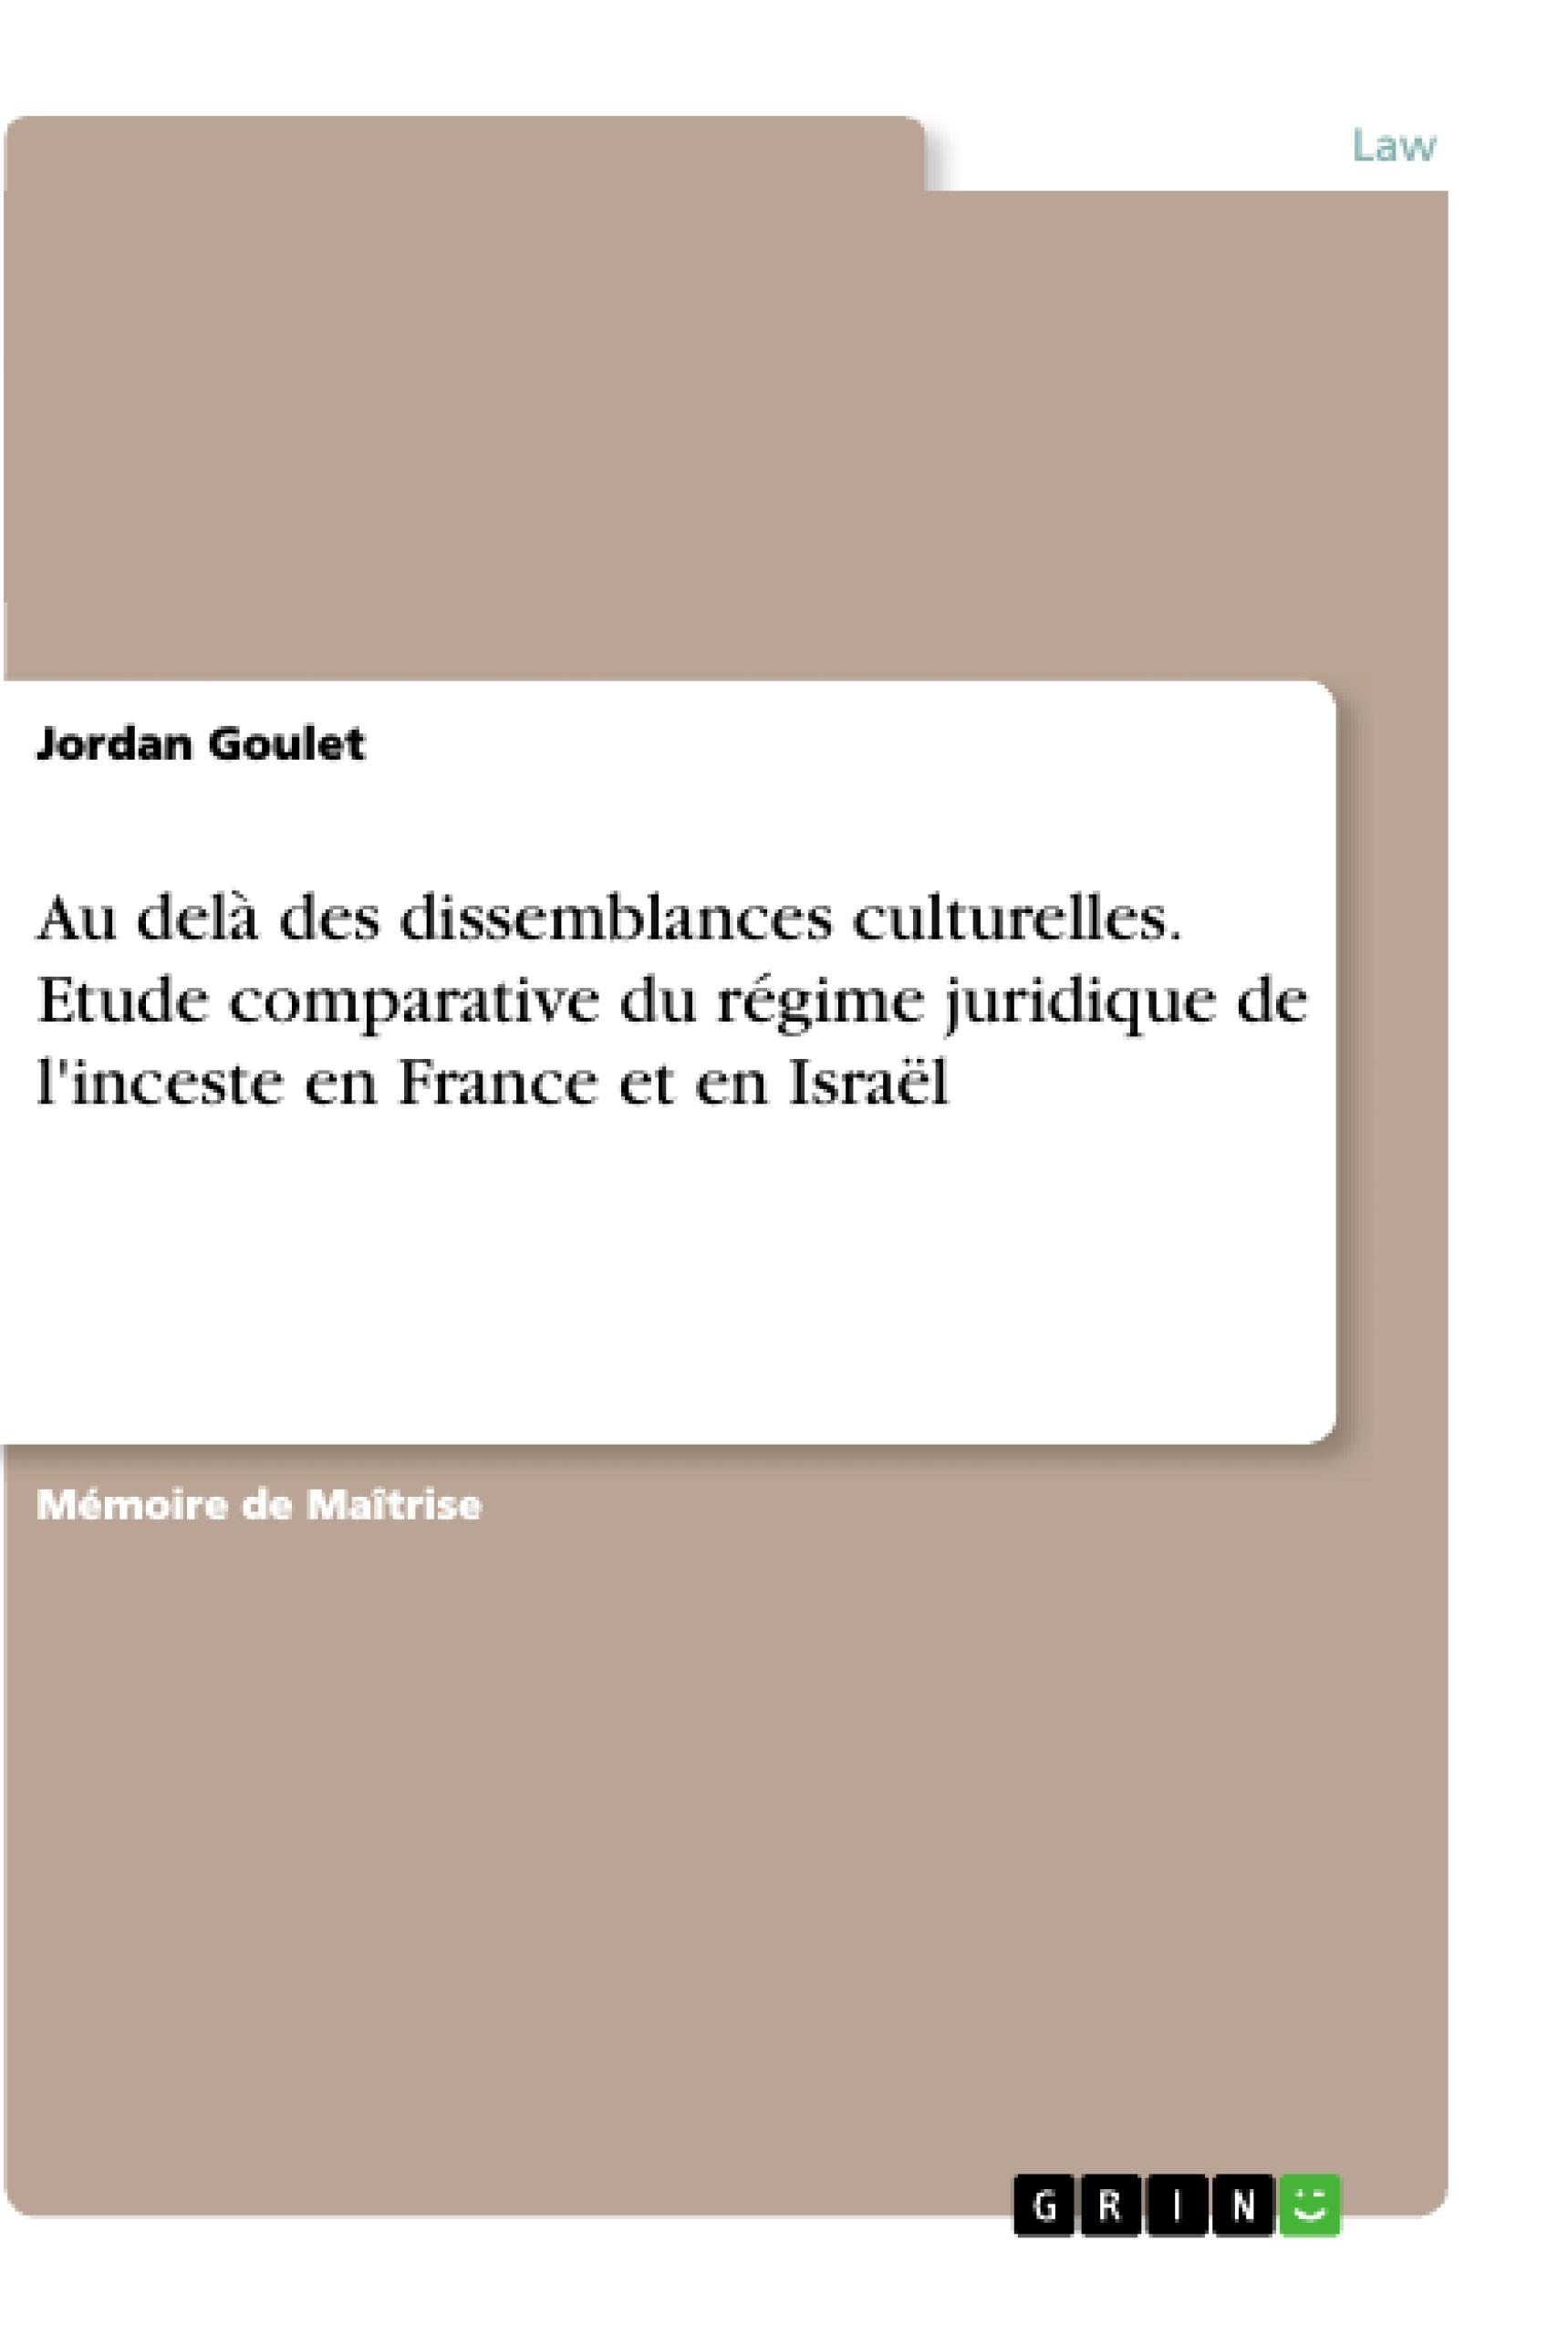 Titre: Au delà des dissemblances culturelles. Etude comparative du régime juridique de l'inceste en France et en Israël